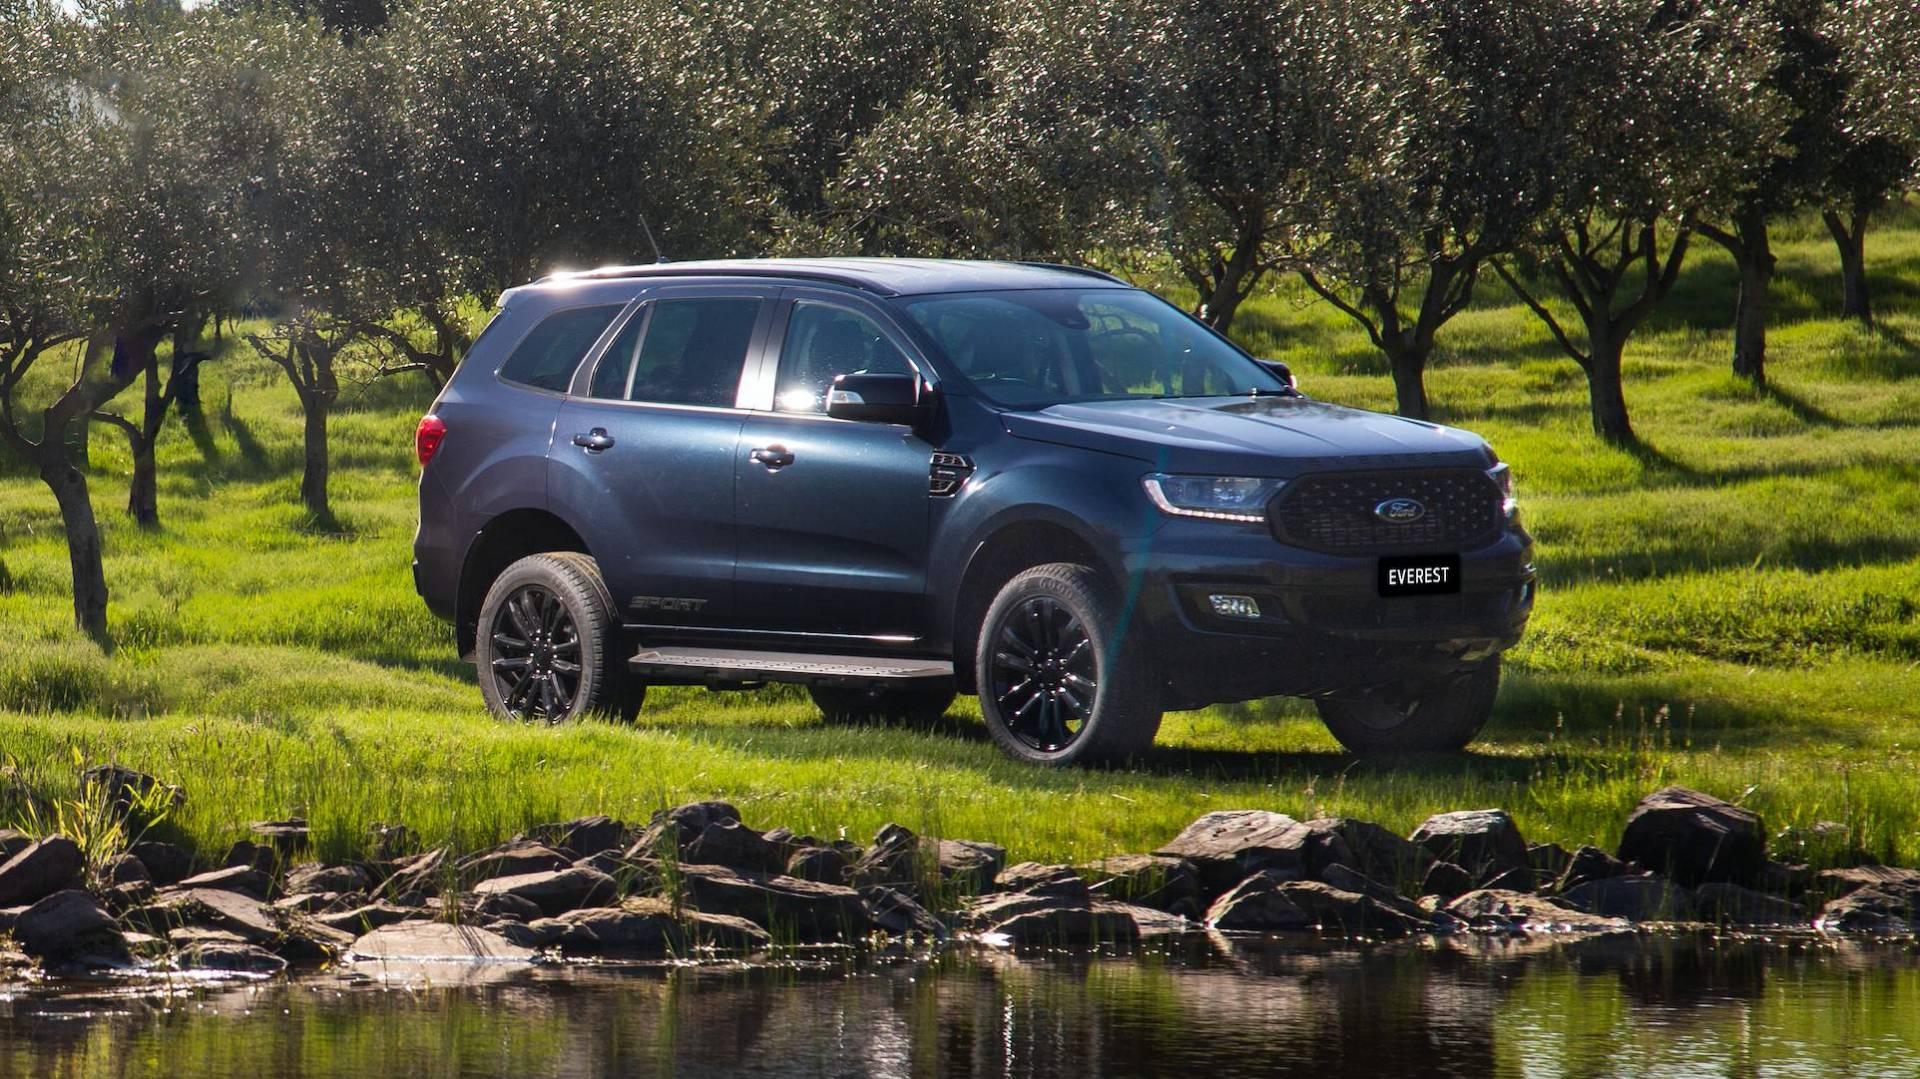 2020 ford everest sport australia spec 1 - Chi tiết xe Ford Everest Sport 2021 - Xứng đáng để mong đợi